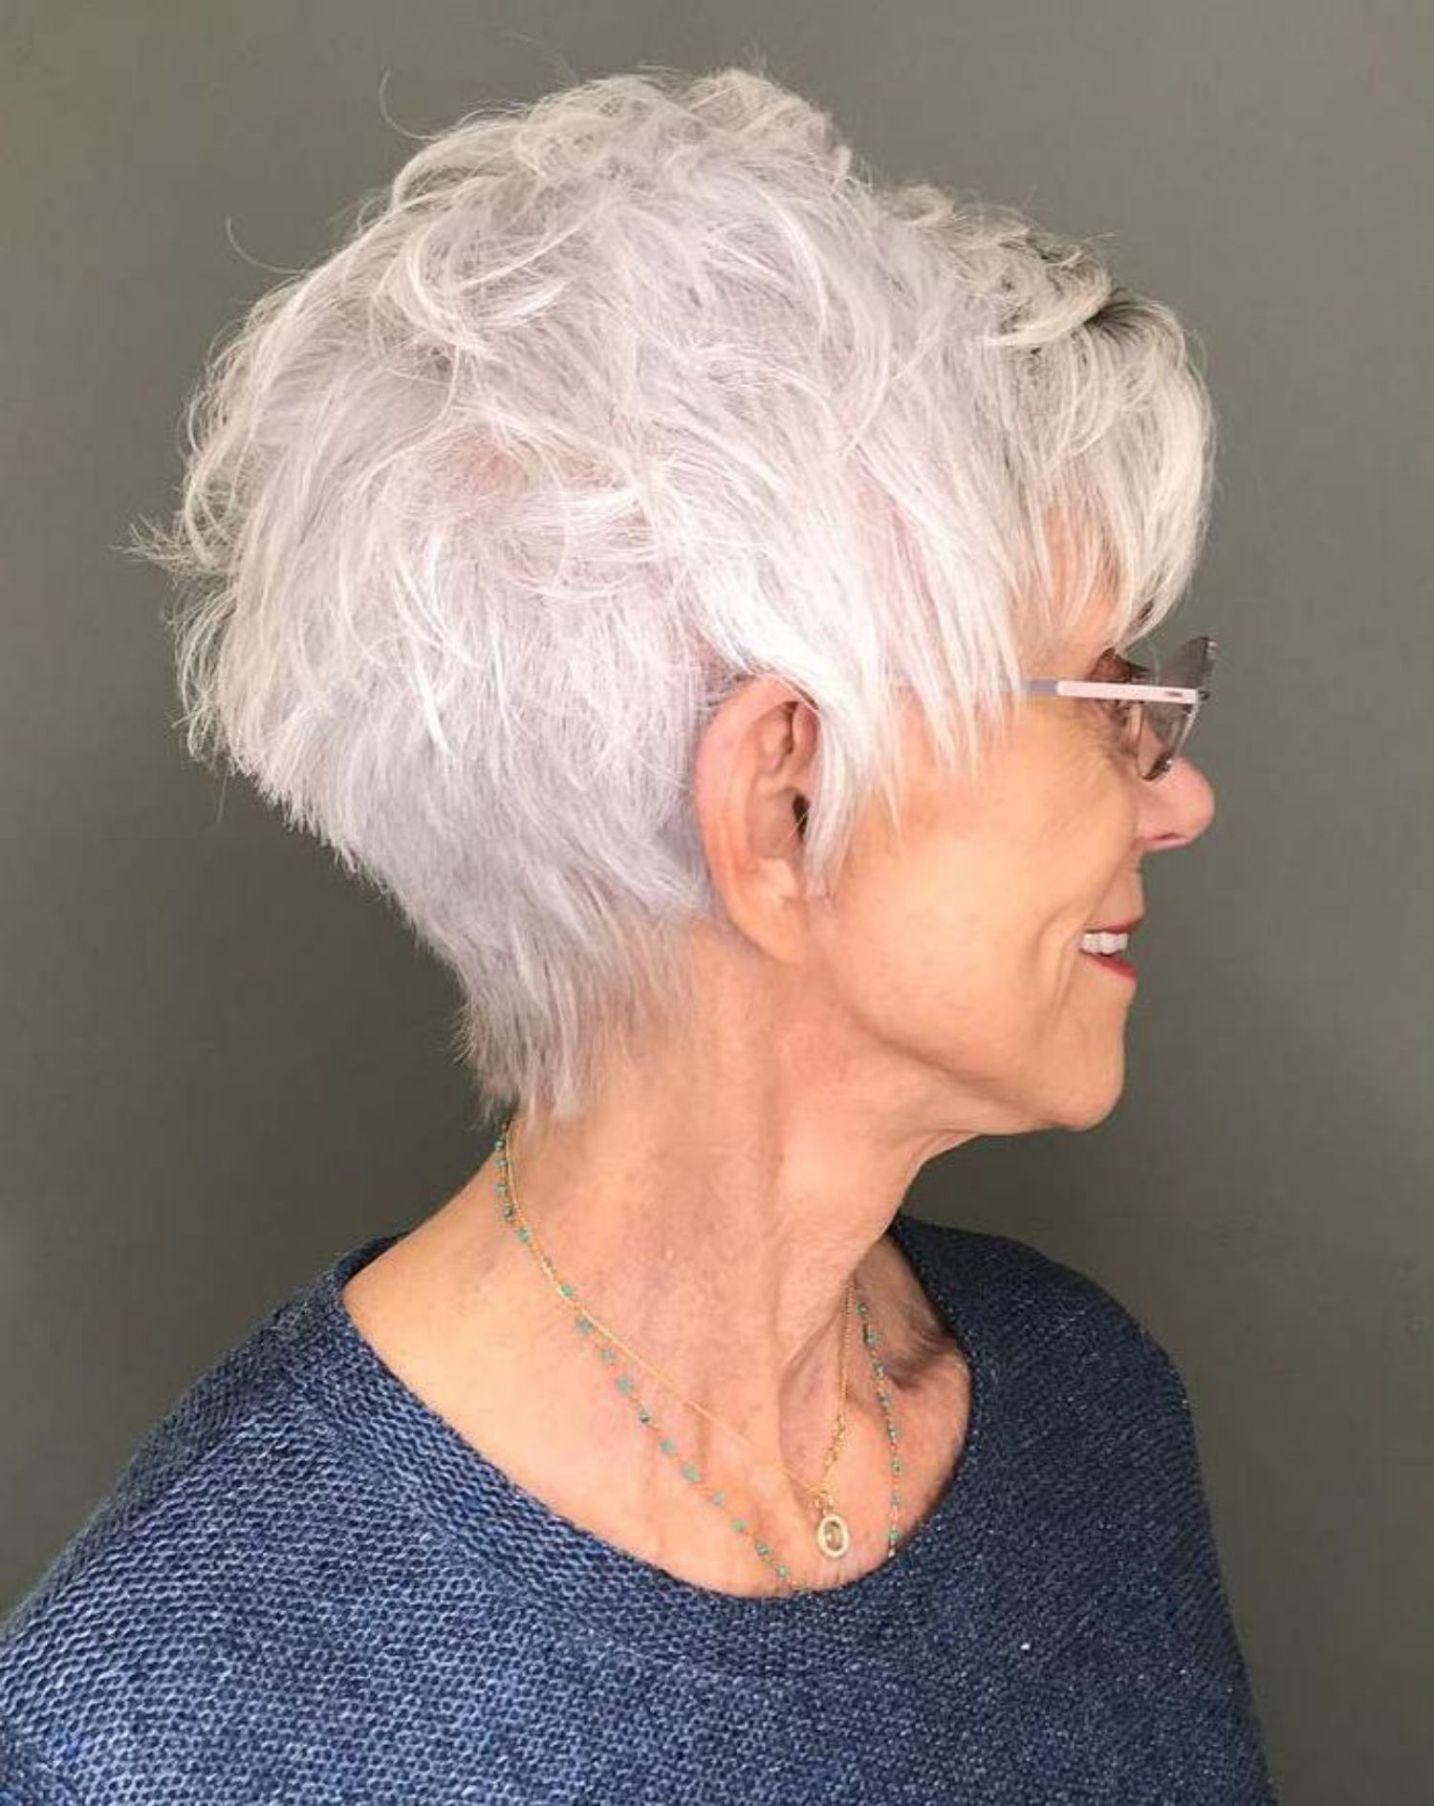 короткие стрижки для пожилых женщин фото 1